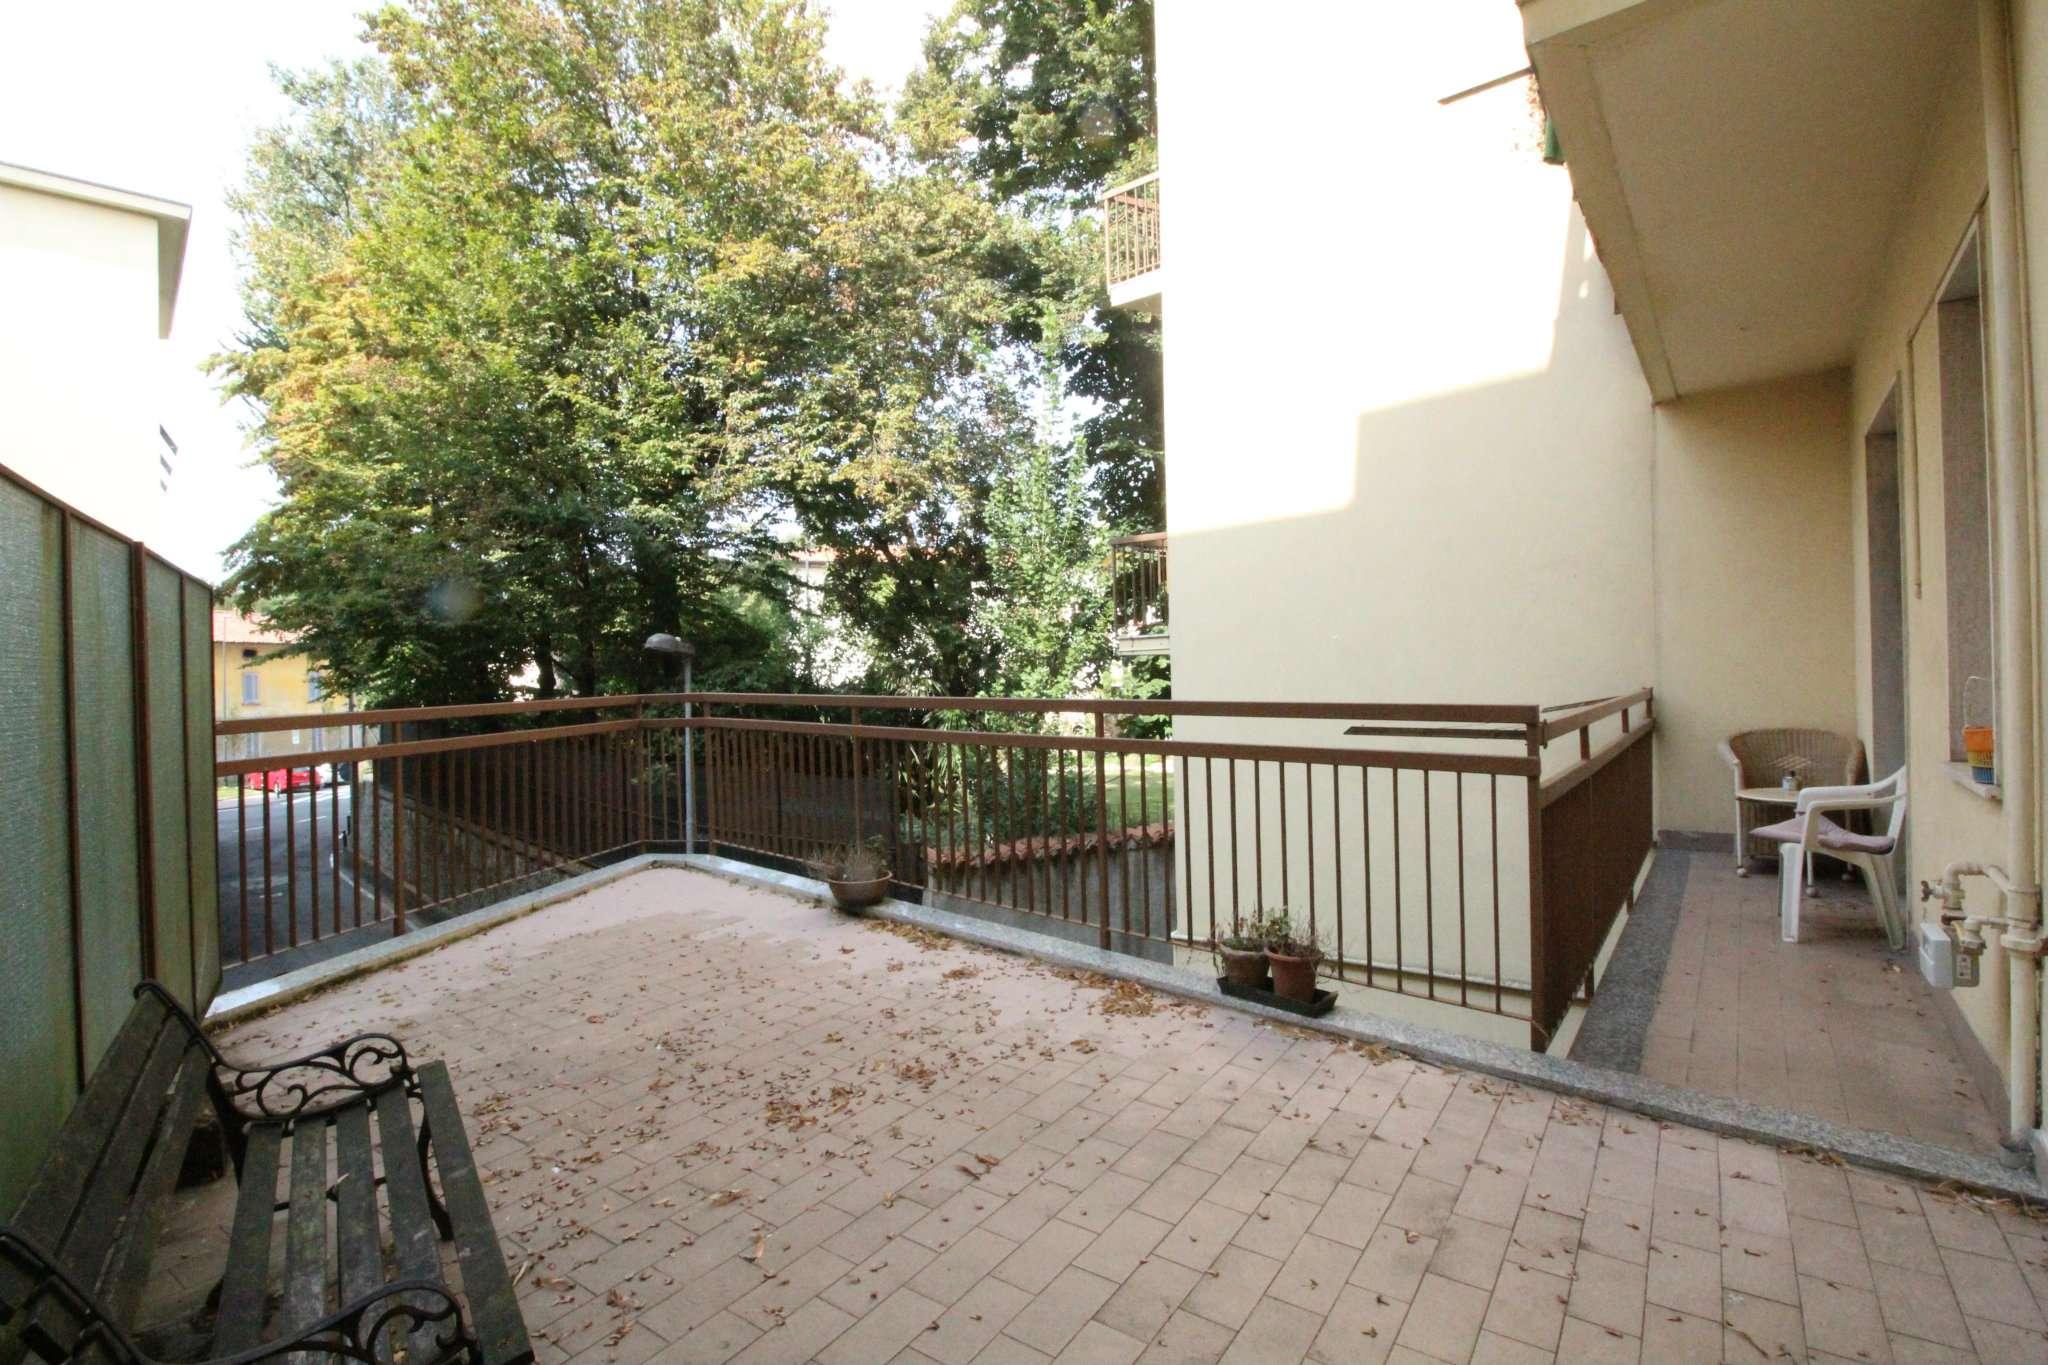 Appartamento in vendita a Trezzo sull'Adda, 2 locali, prezzo € 85.000 | PortaleAgenzieImmobiliari.it